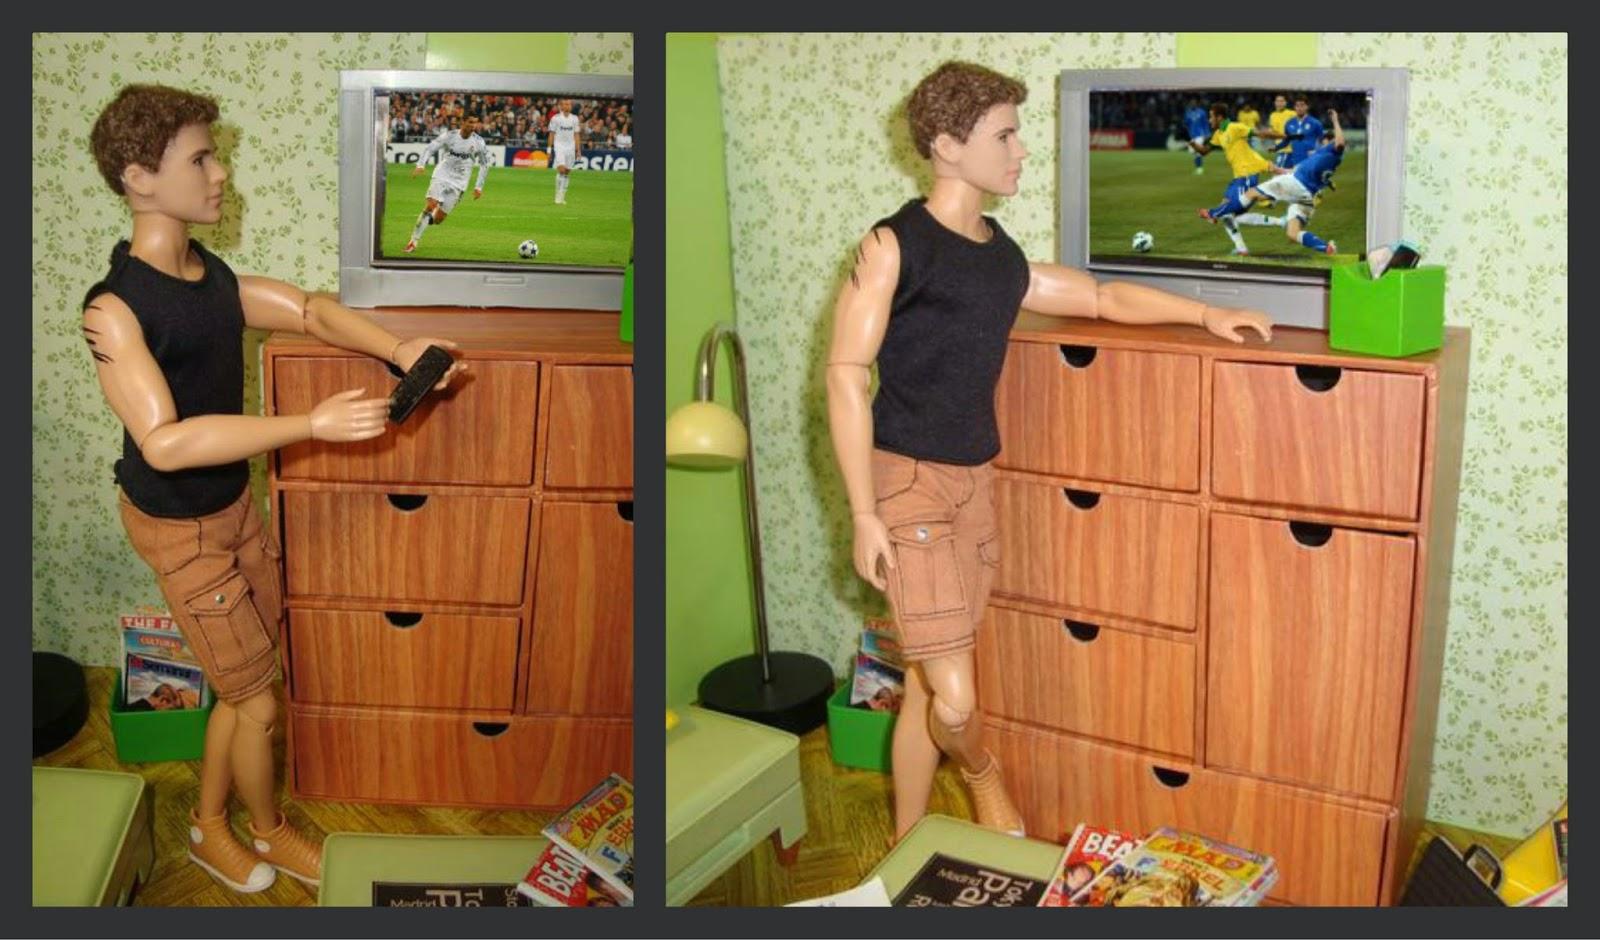 Imagenes De Mujeres Q Les Gusta El Futbol - ¿Quien dijo que a las mujeres no les gusta el fútbol